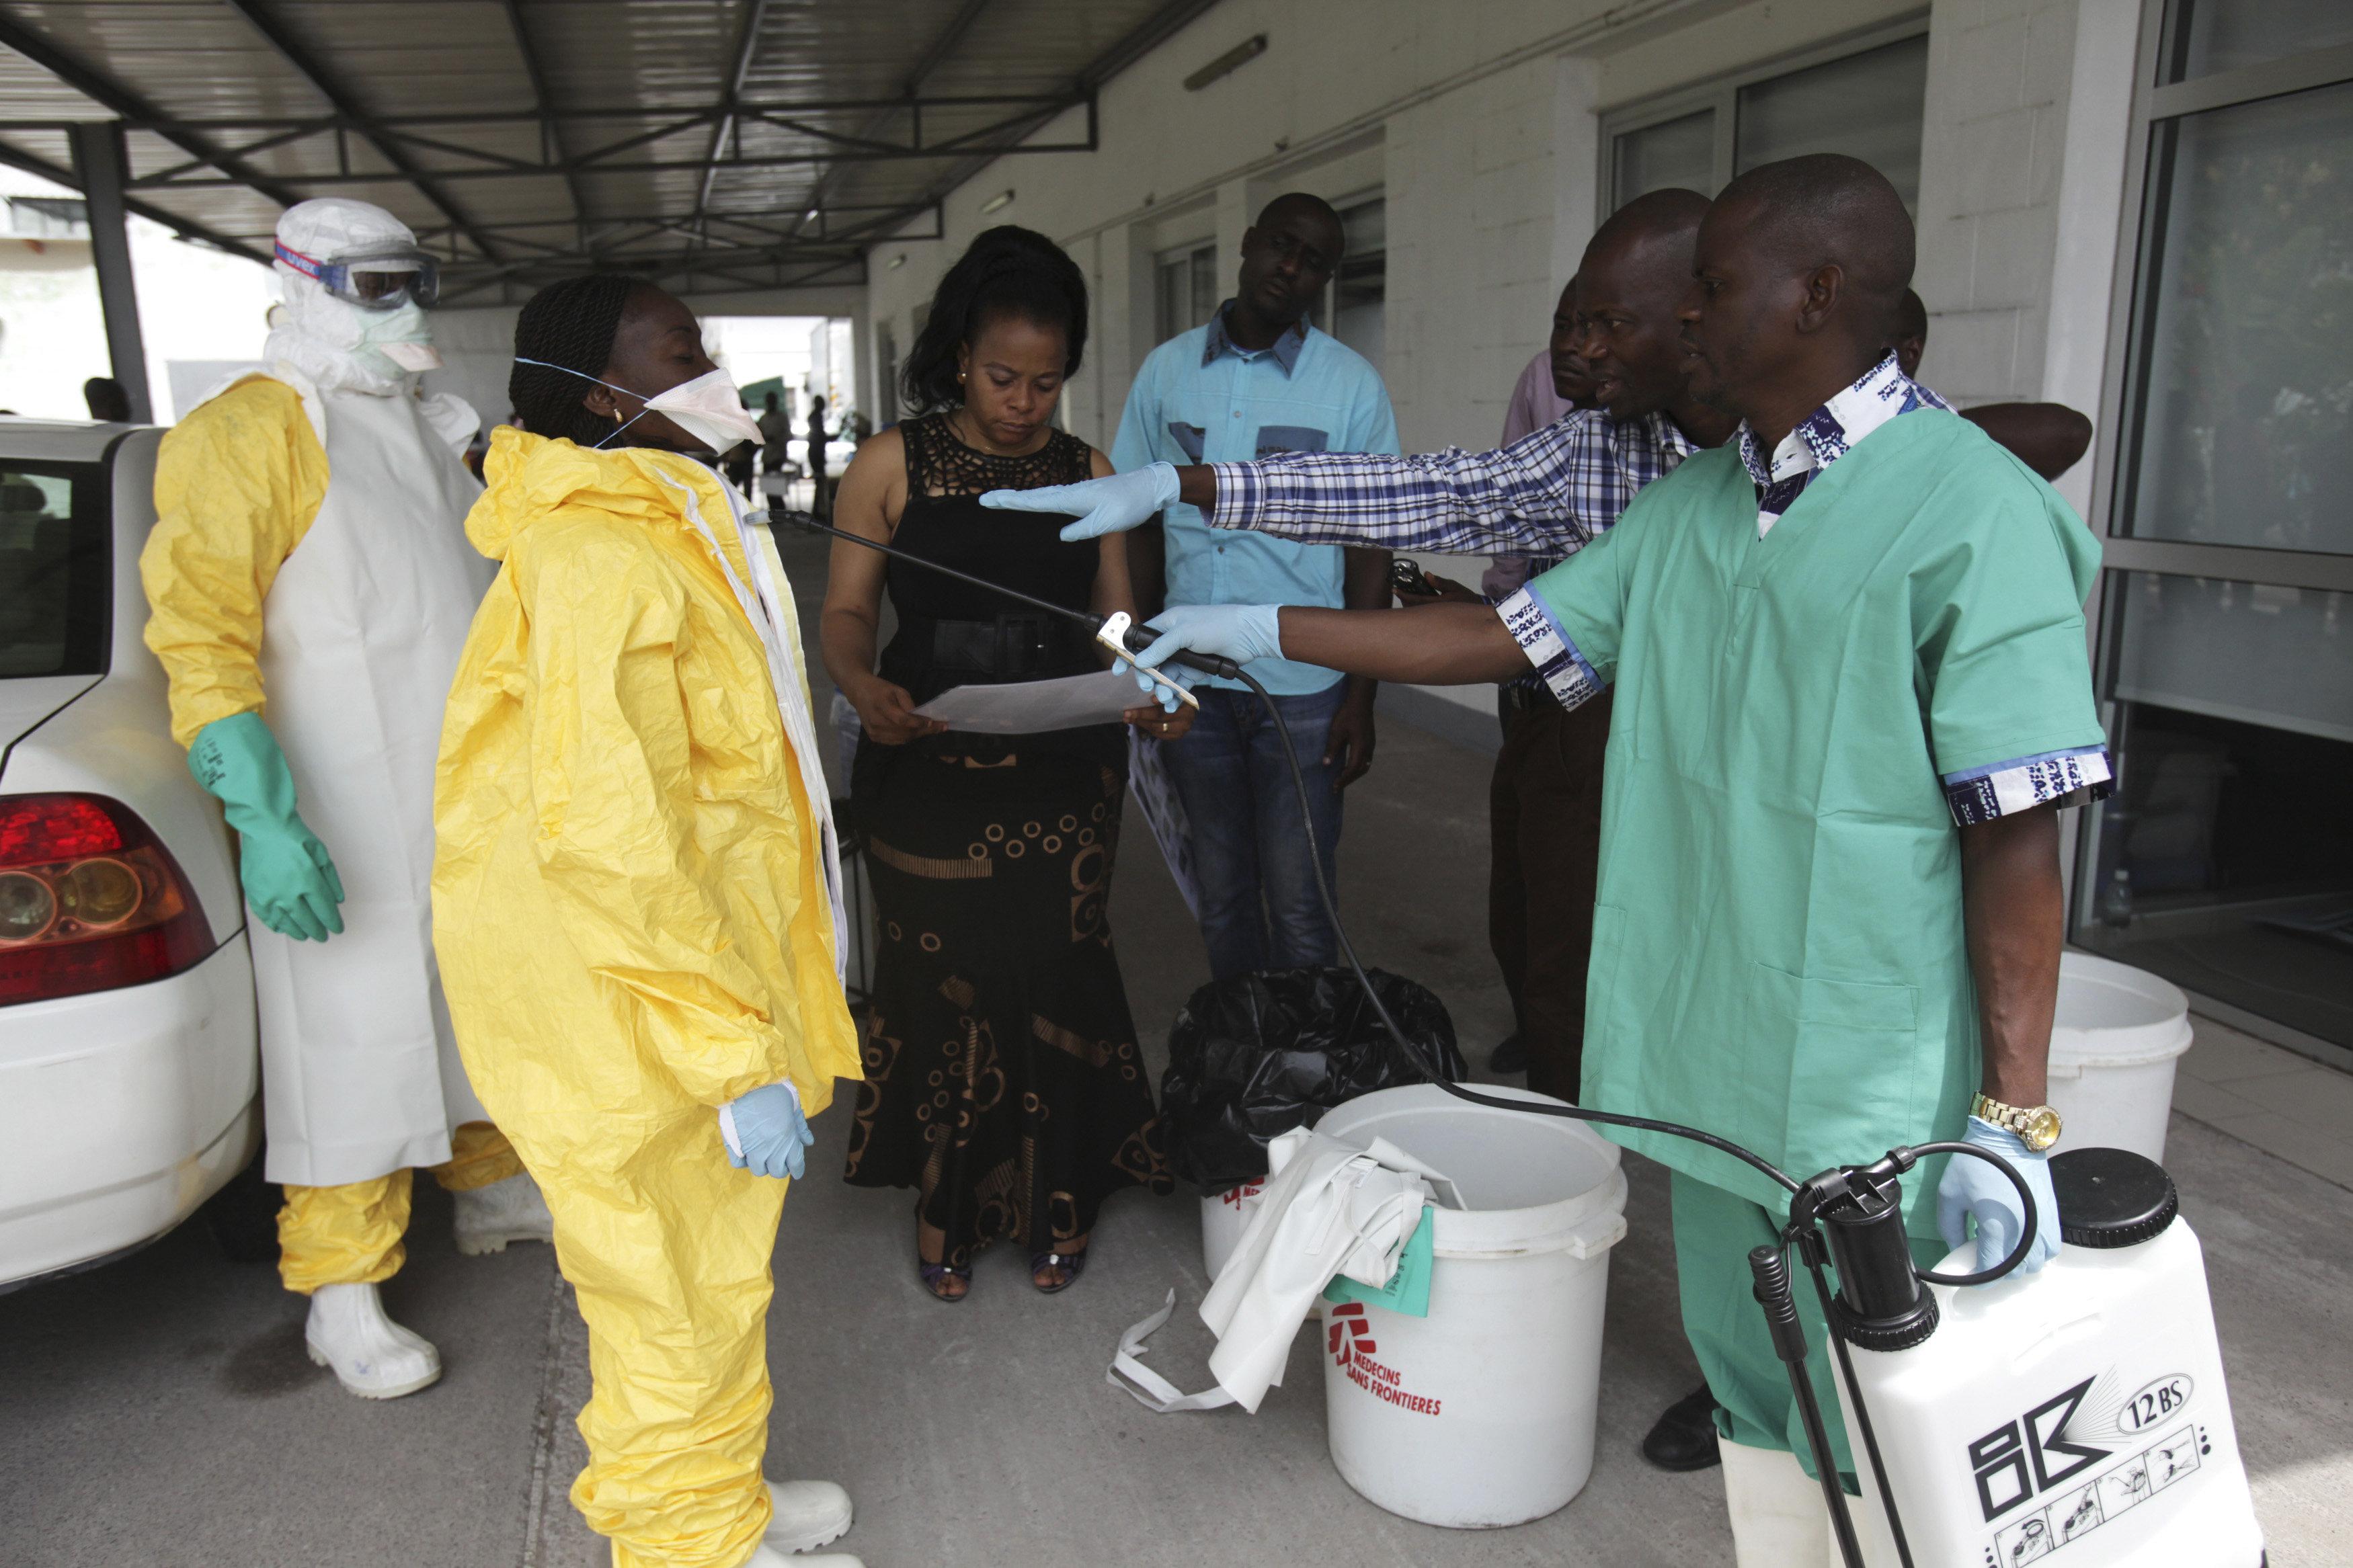 ΠΟΥ: Το ξέσπασμα του Έμπολα στο Κονγκό μπορεί να τεθεί υπό